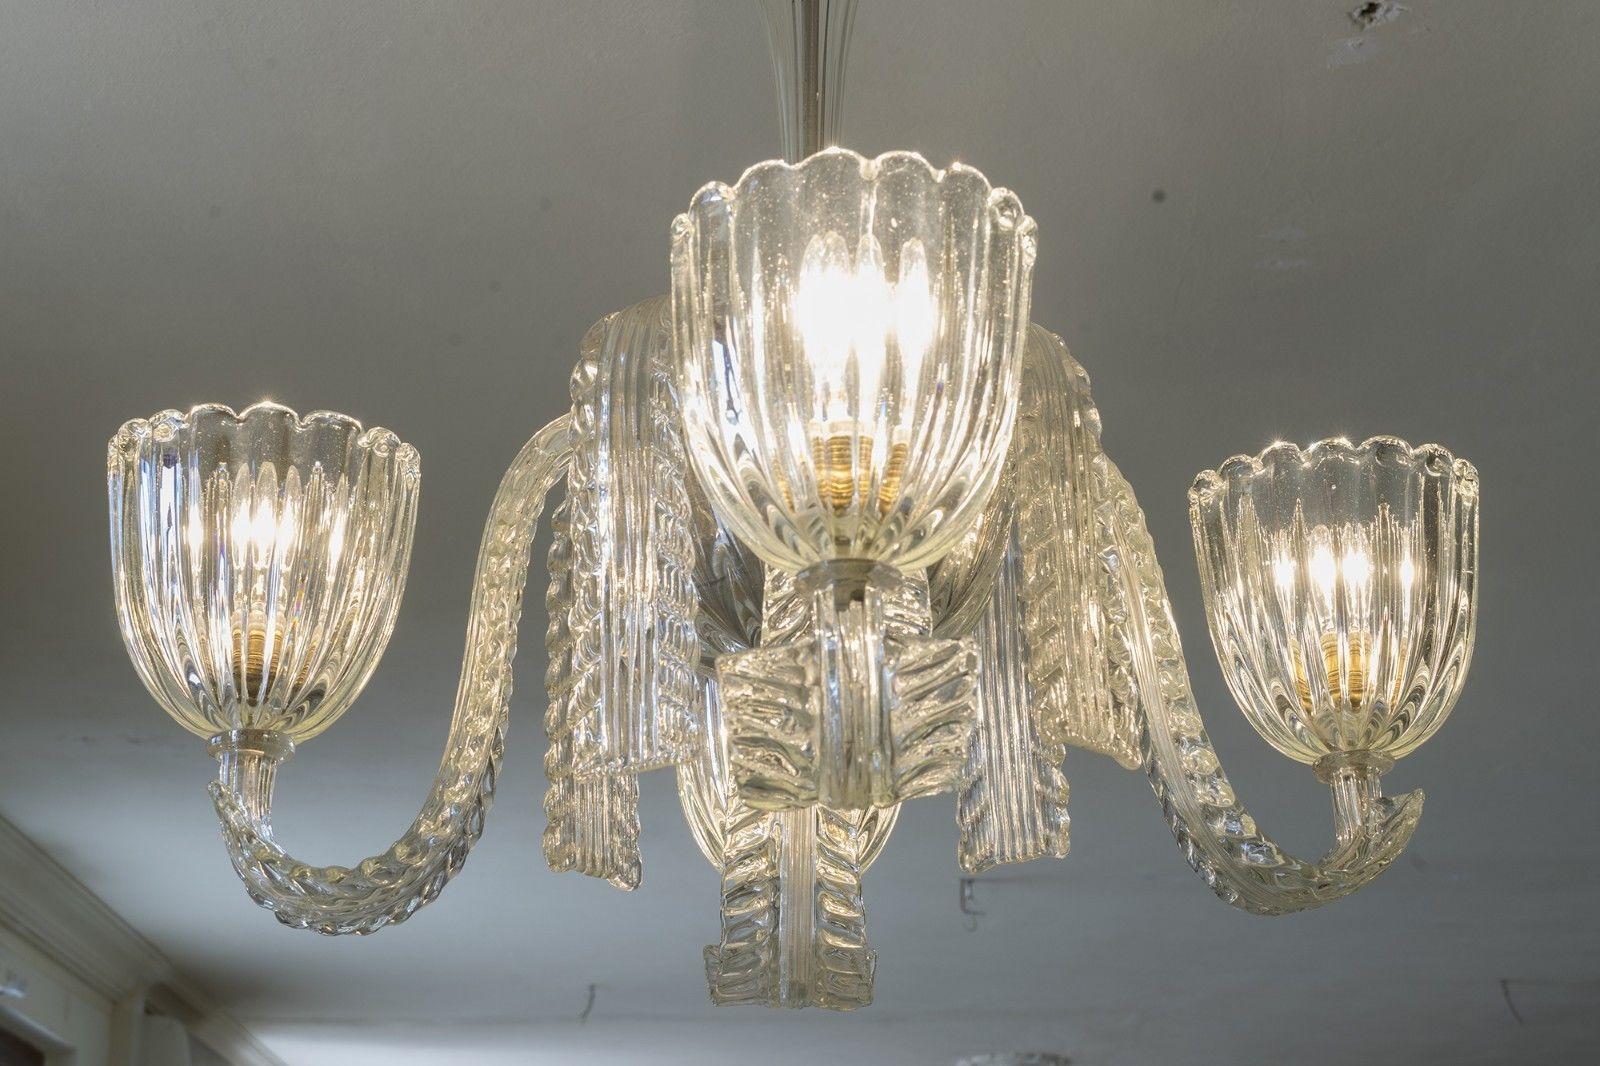 Lampadario Murano Anni 40.Antico Lampadario Di Murano Art Deco Anni 30 Designer Barovier E